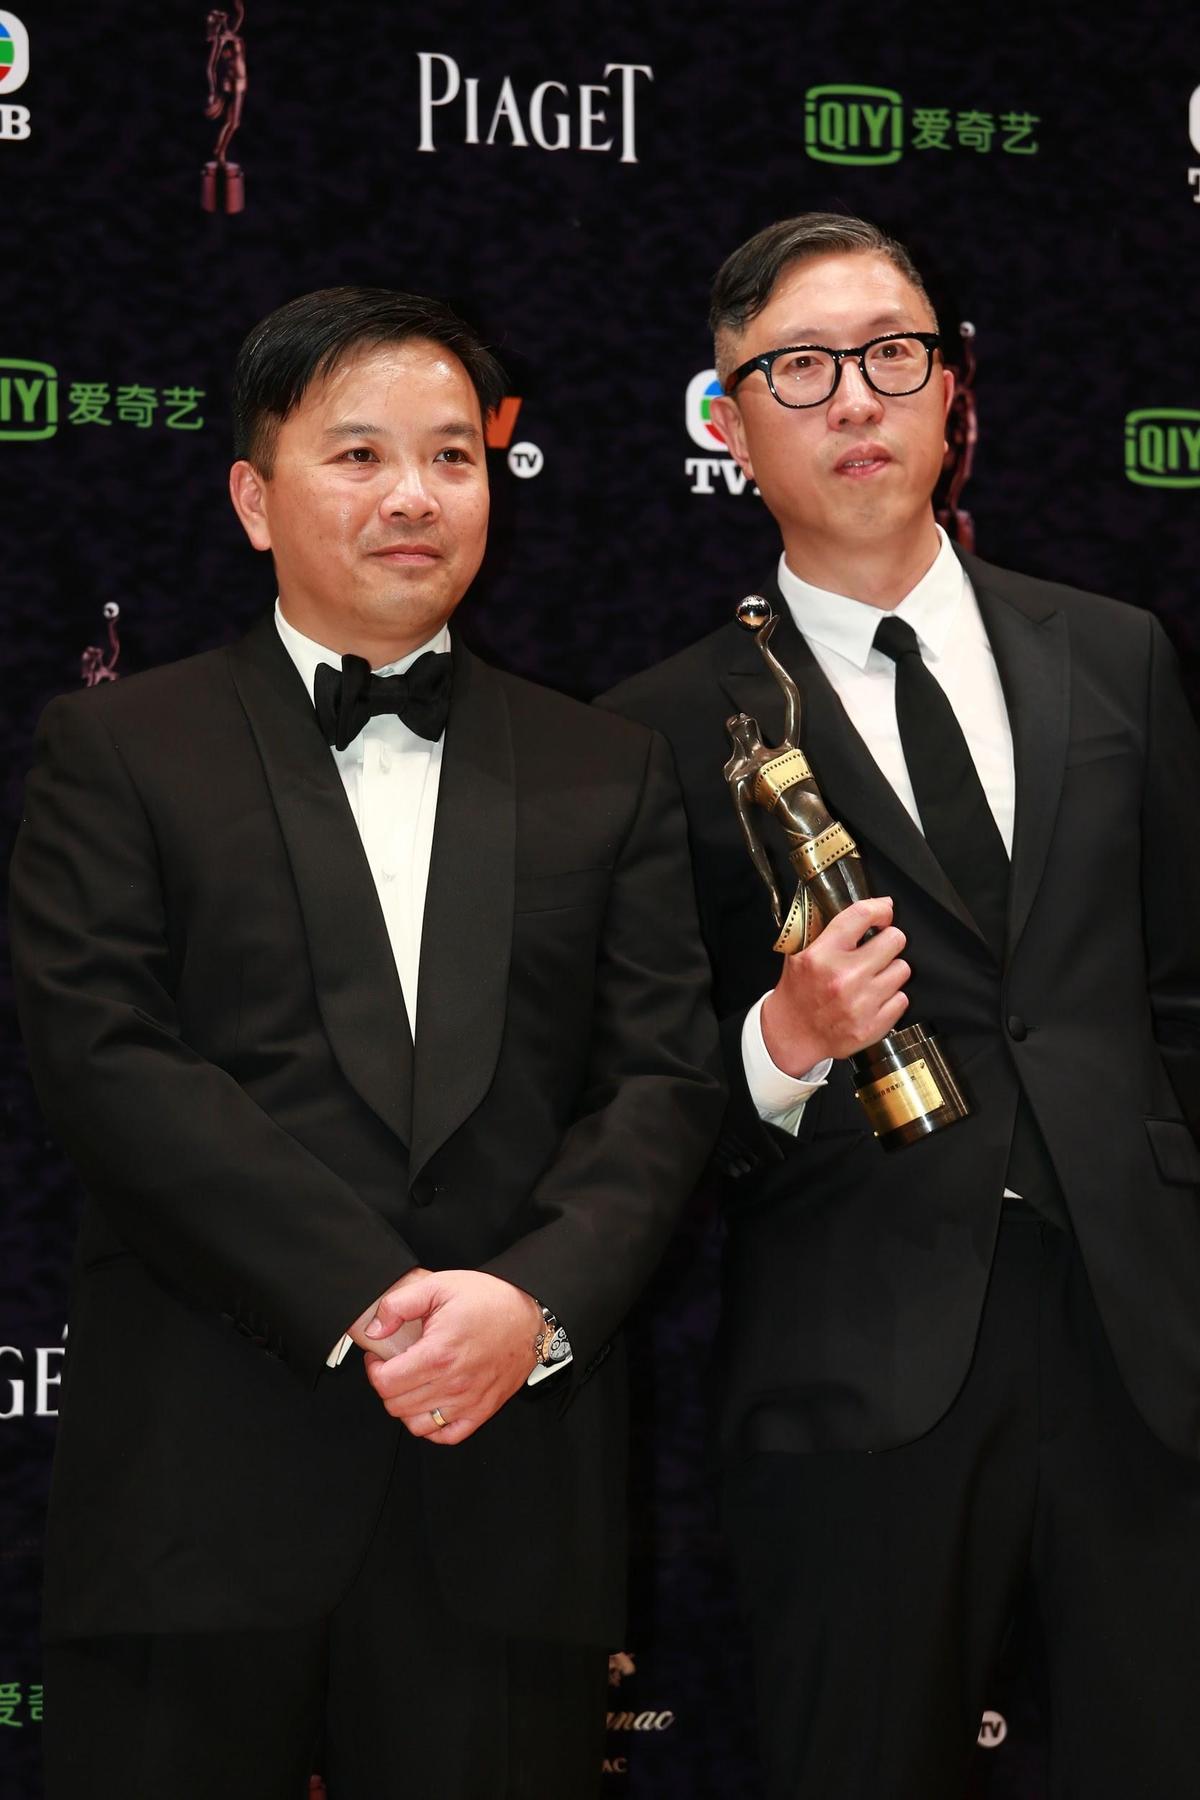 莊文強(右)與麥兆輝(左)以《竊聽風雲3》奪香港電影金像獎最佳編劇。(東方IC)